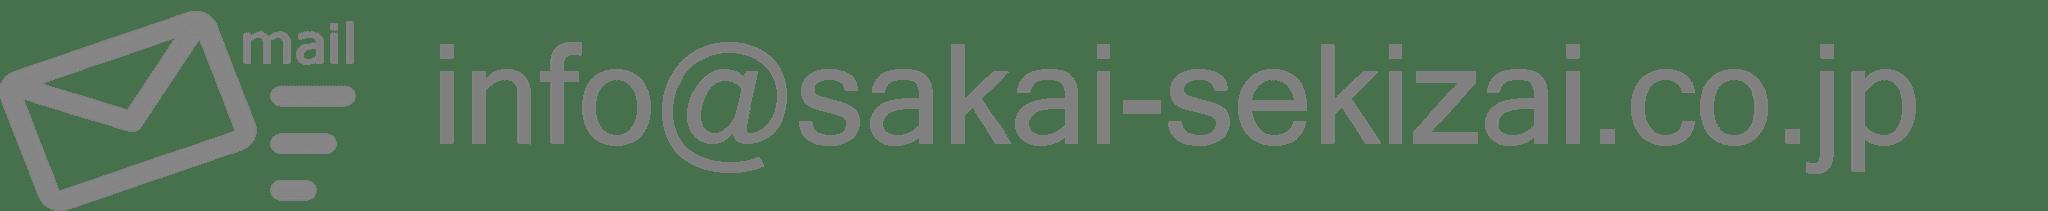 https://sakai-sekizai.co.jp/files/libs/5559/201806121431282124.png